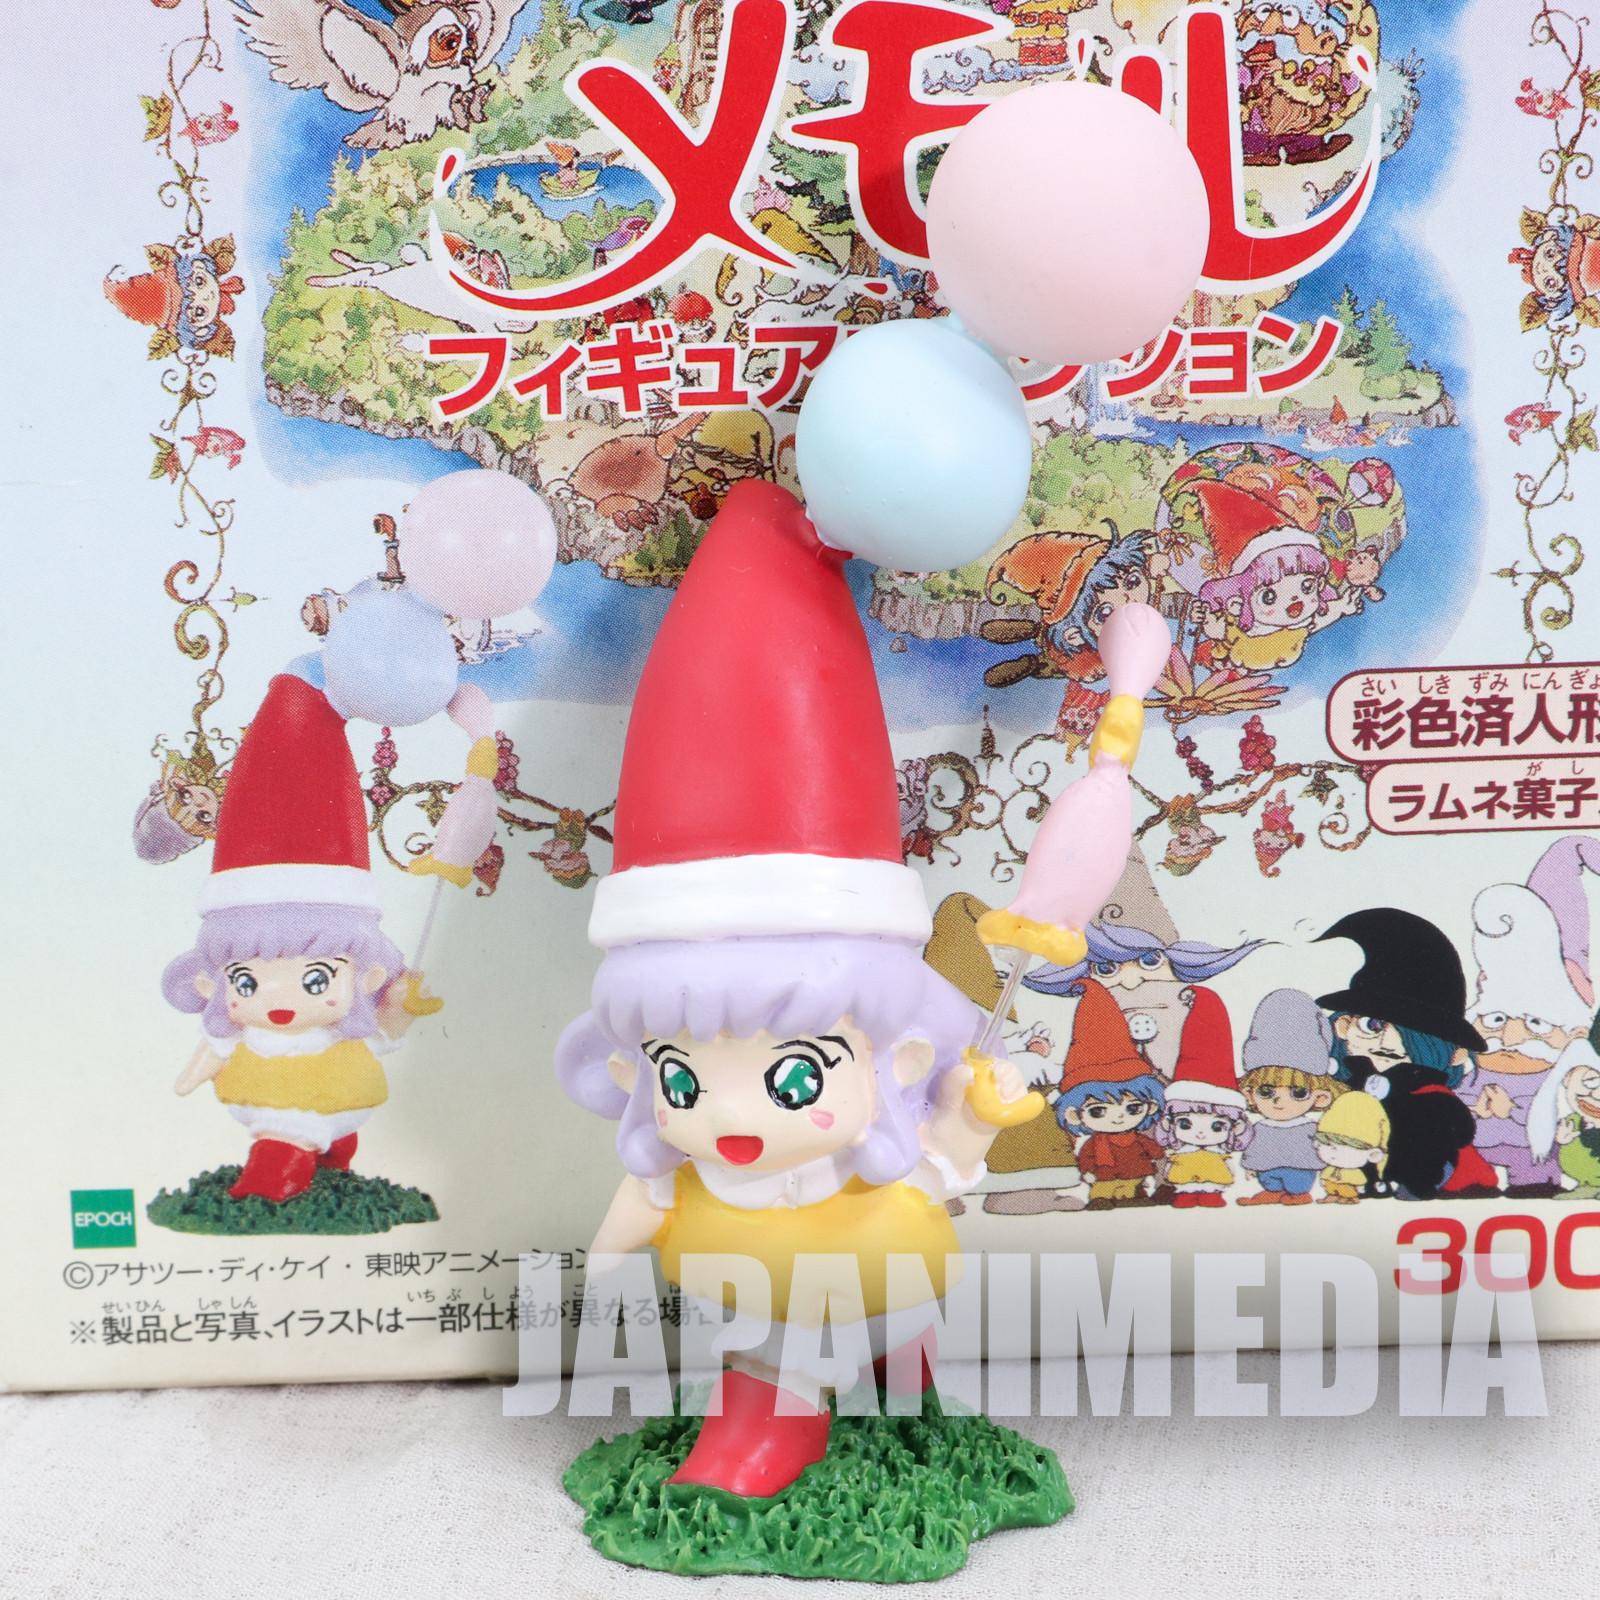 RARE! Memole Dolce Memole Mini Figure Soap Bubble ver. Epoch JAPAN